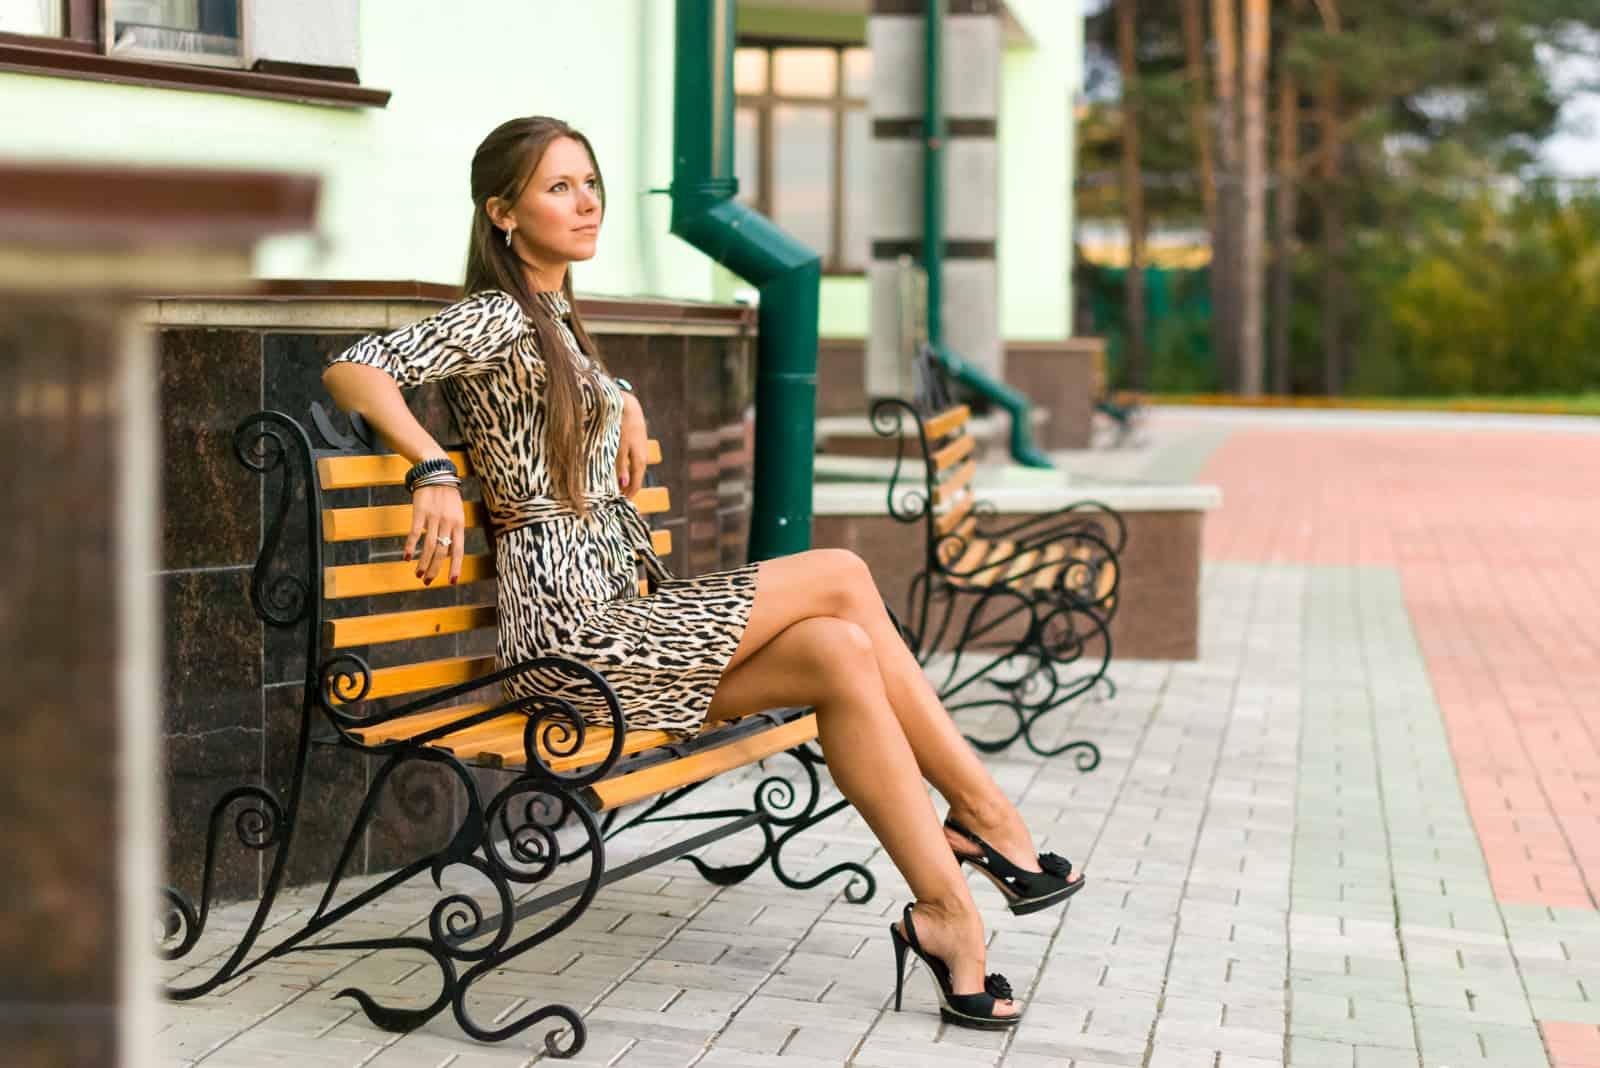 selbstbewusstes Mädchen sitzt auf einer Bank